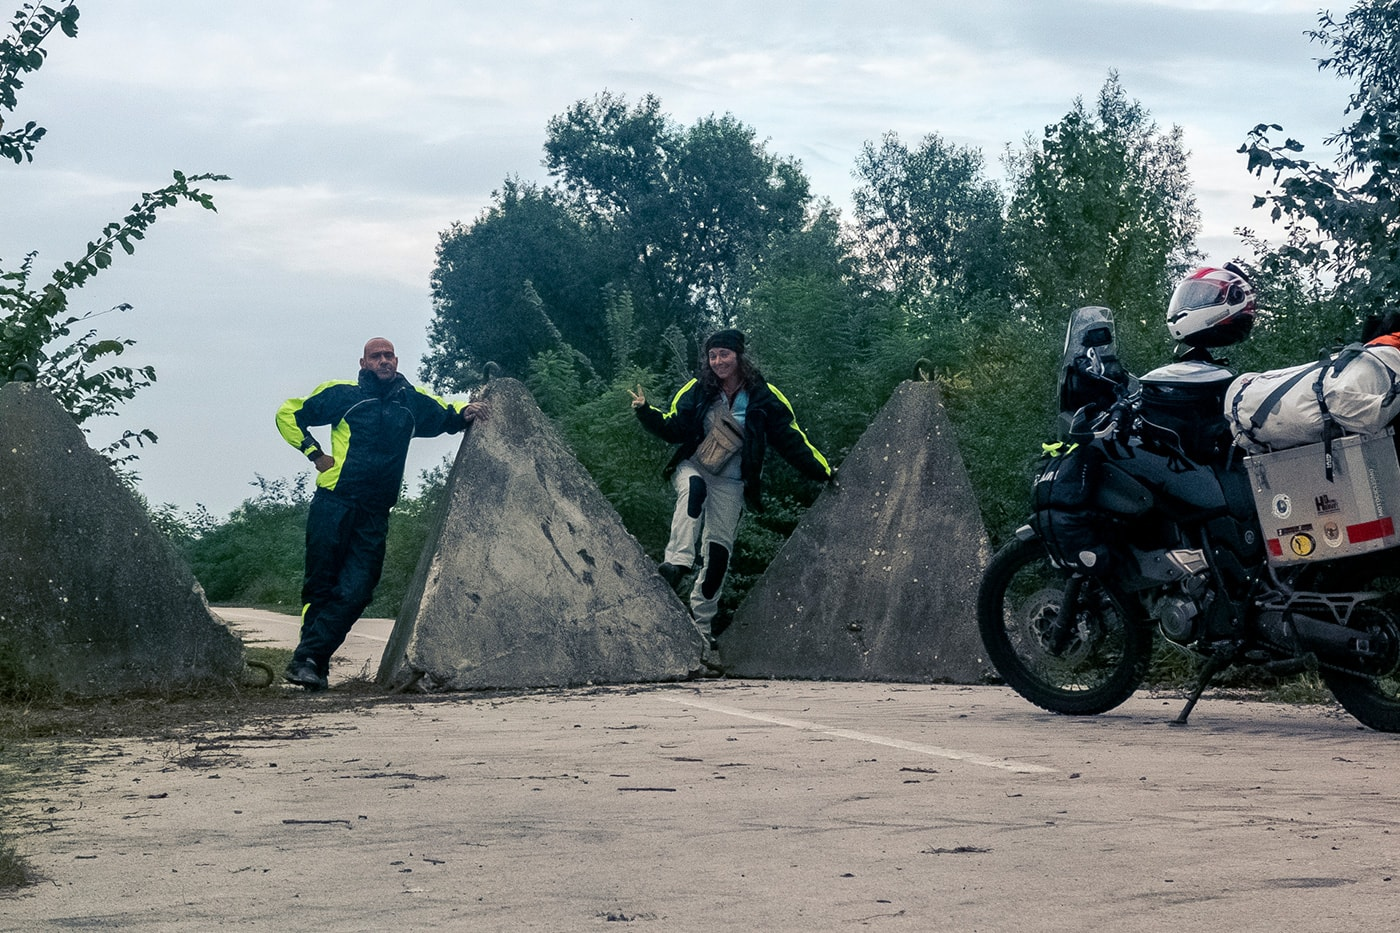 balcani-in-moto-strada-chiusa